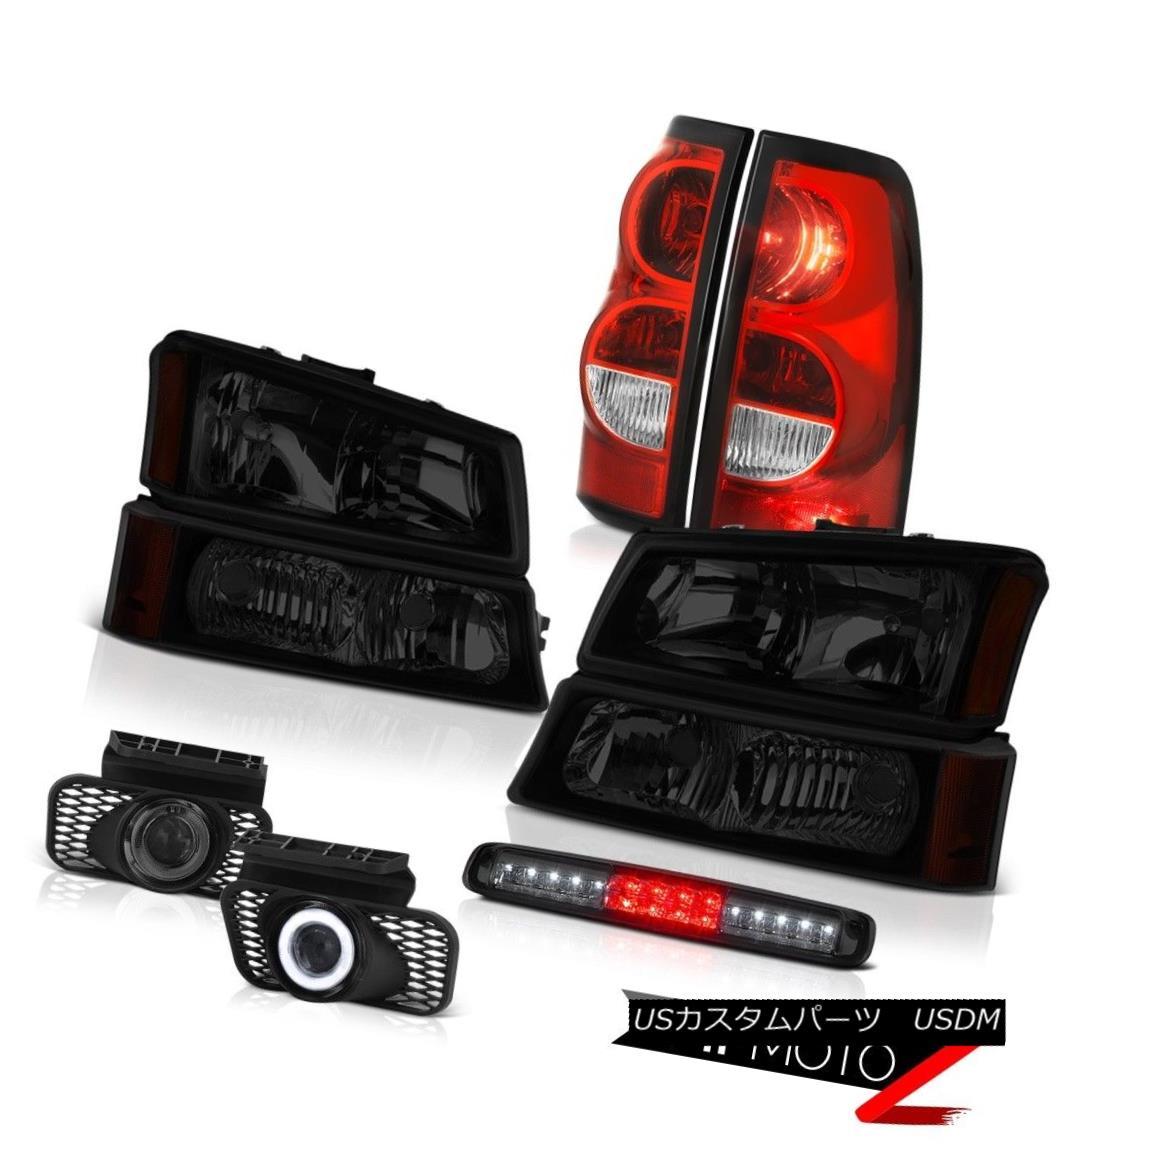 テールライト 03-06 Silverado 3500Hd Roof Cab Lamp Fog Lamps Taillamps Dark Tinted Headlamps 03-06シルバラード3500Hdルーフキャブランプフォグランプタイルランプダークティンテッドヘッドランプ